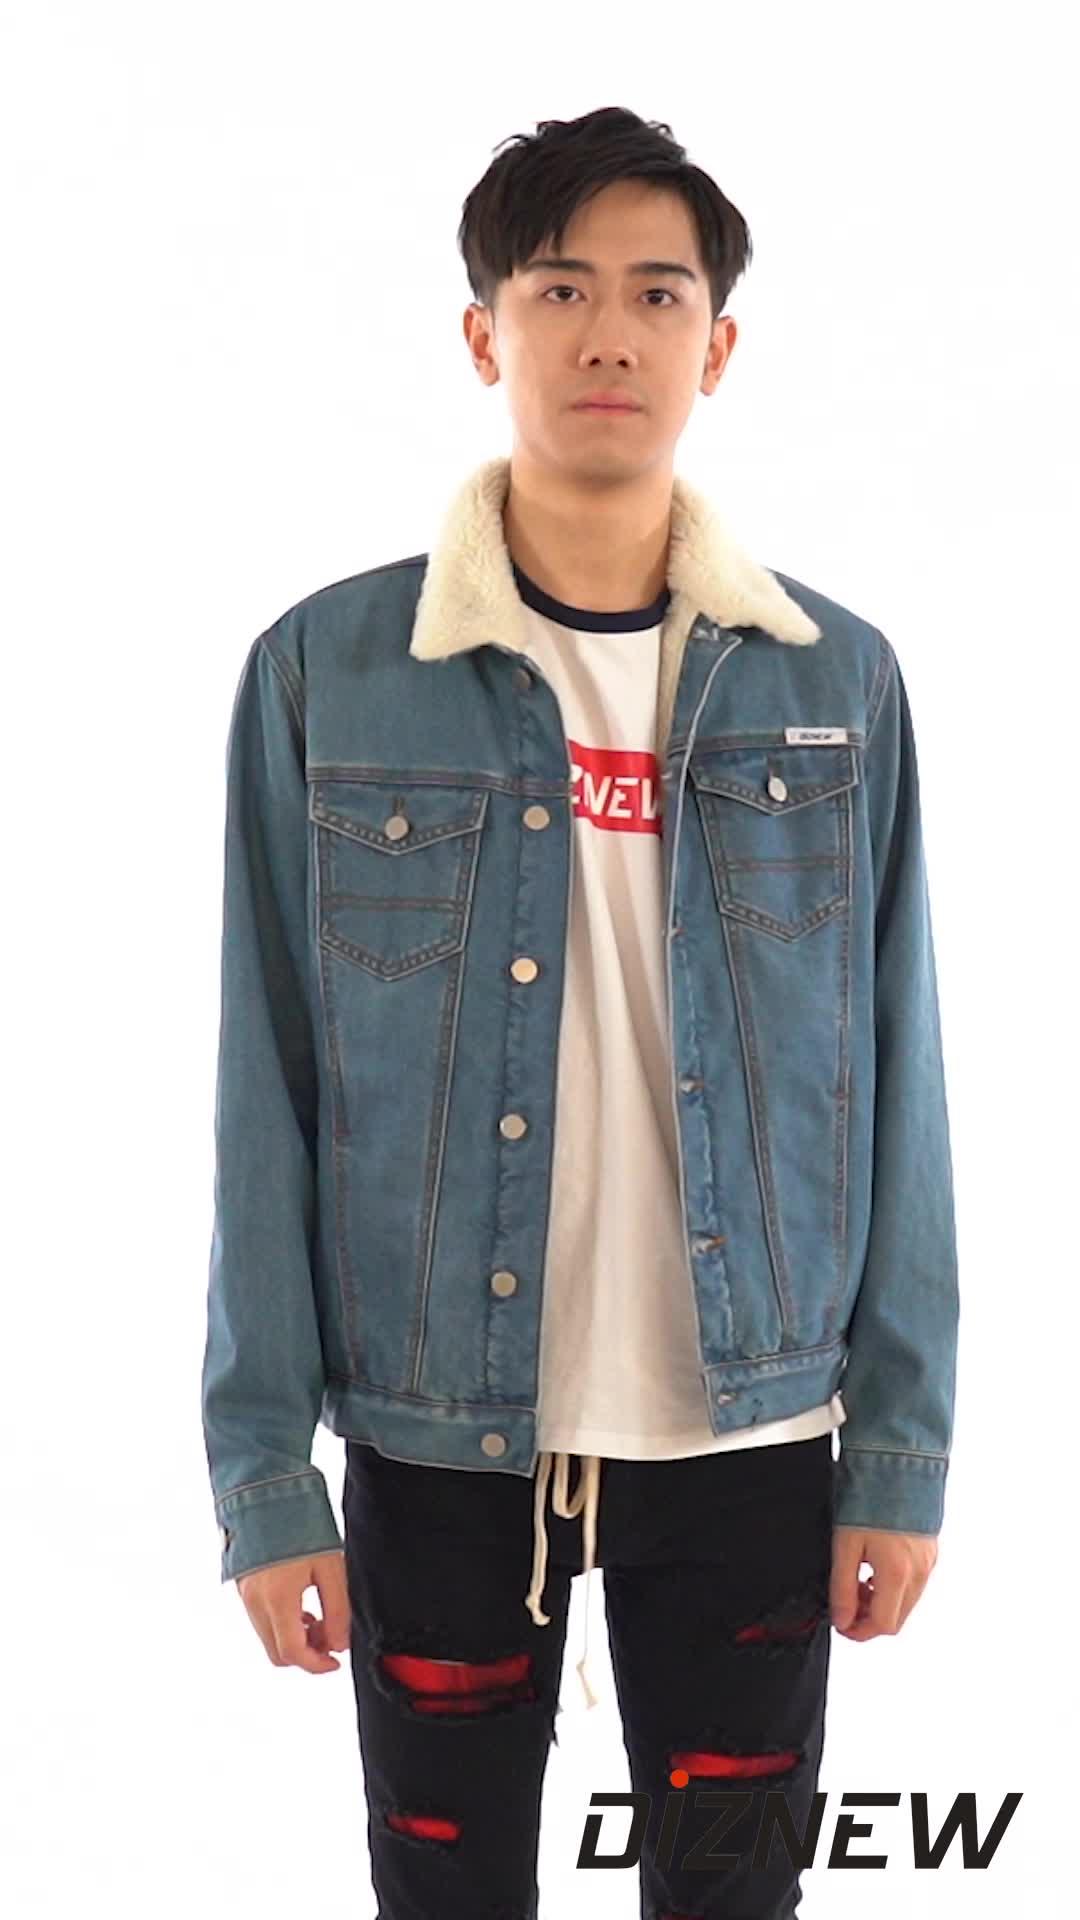 DiZNEW 男性のヴィンテージリラックスフィット厚い裏地デニムジーンズジャケット